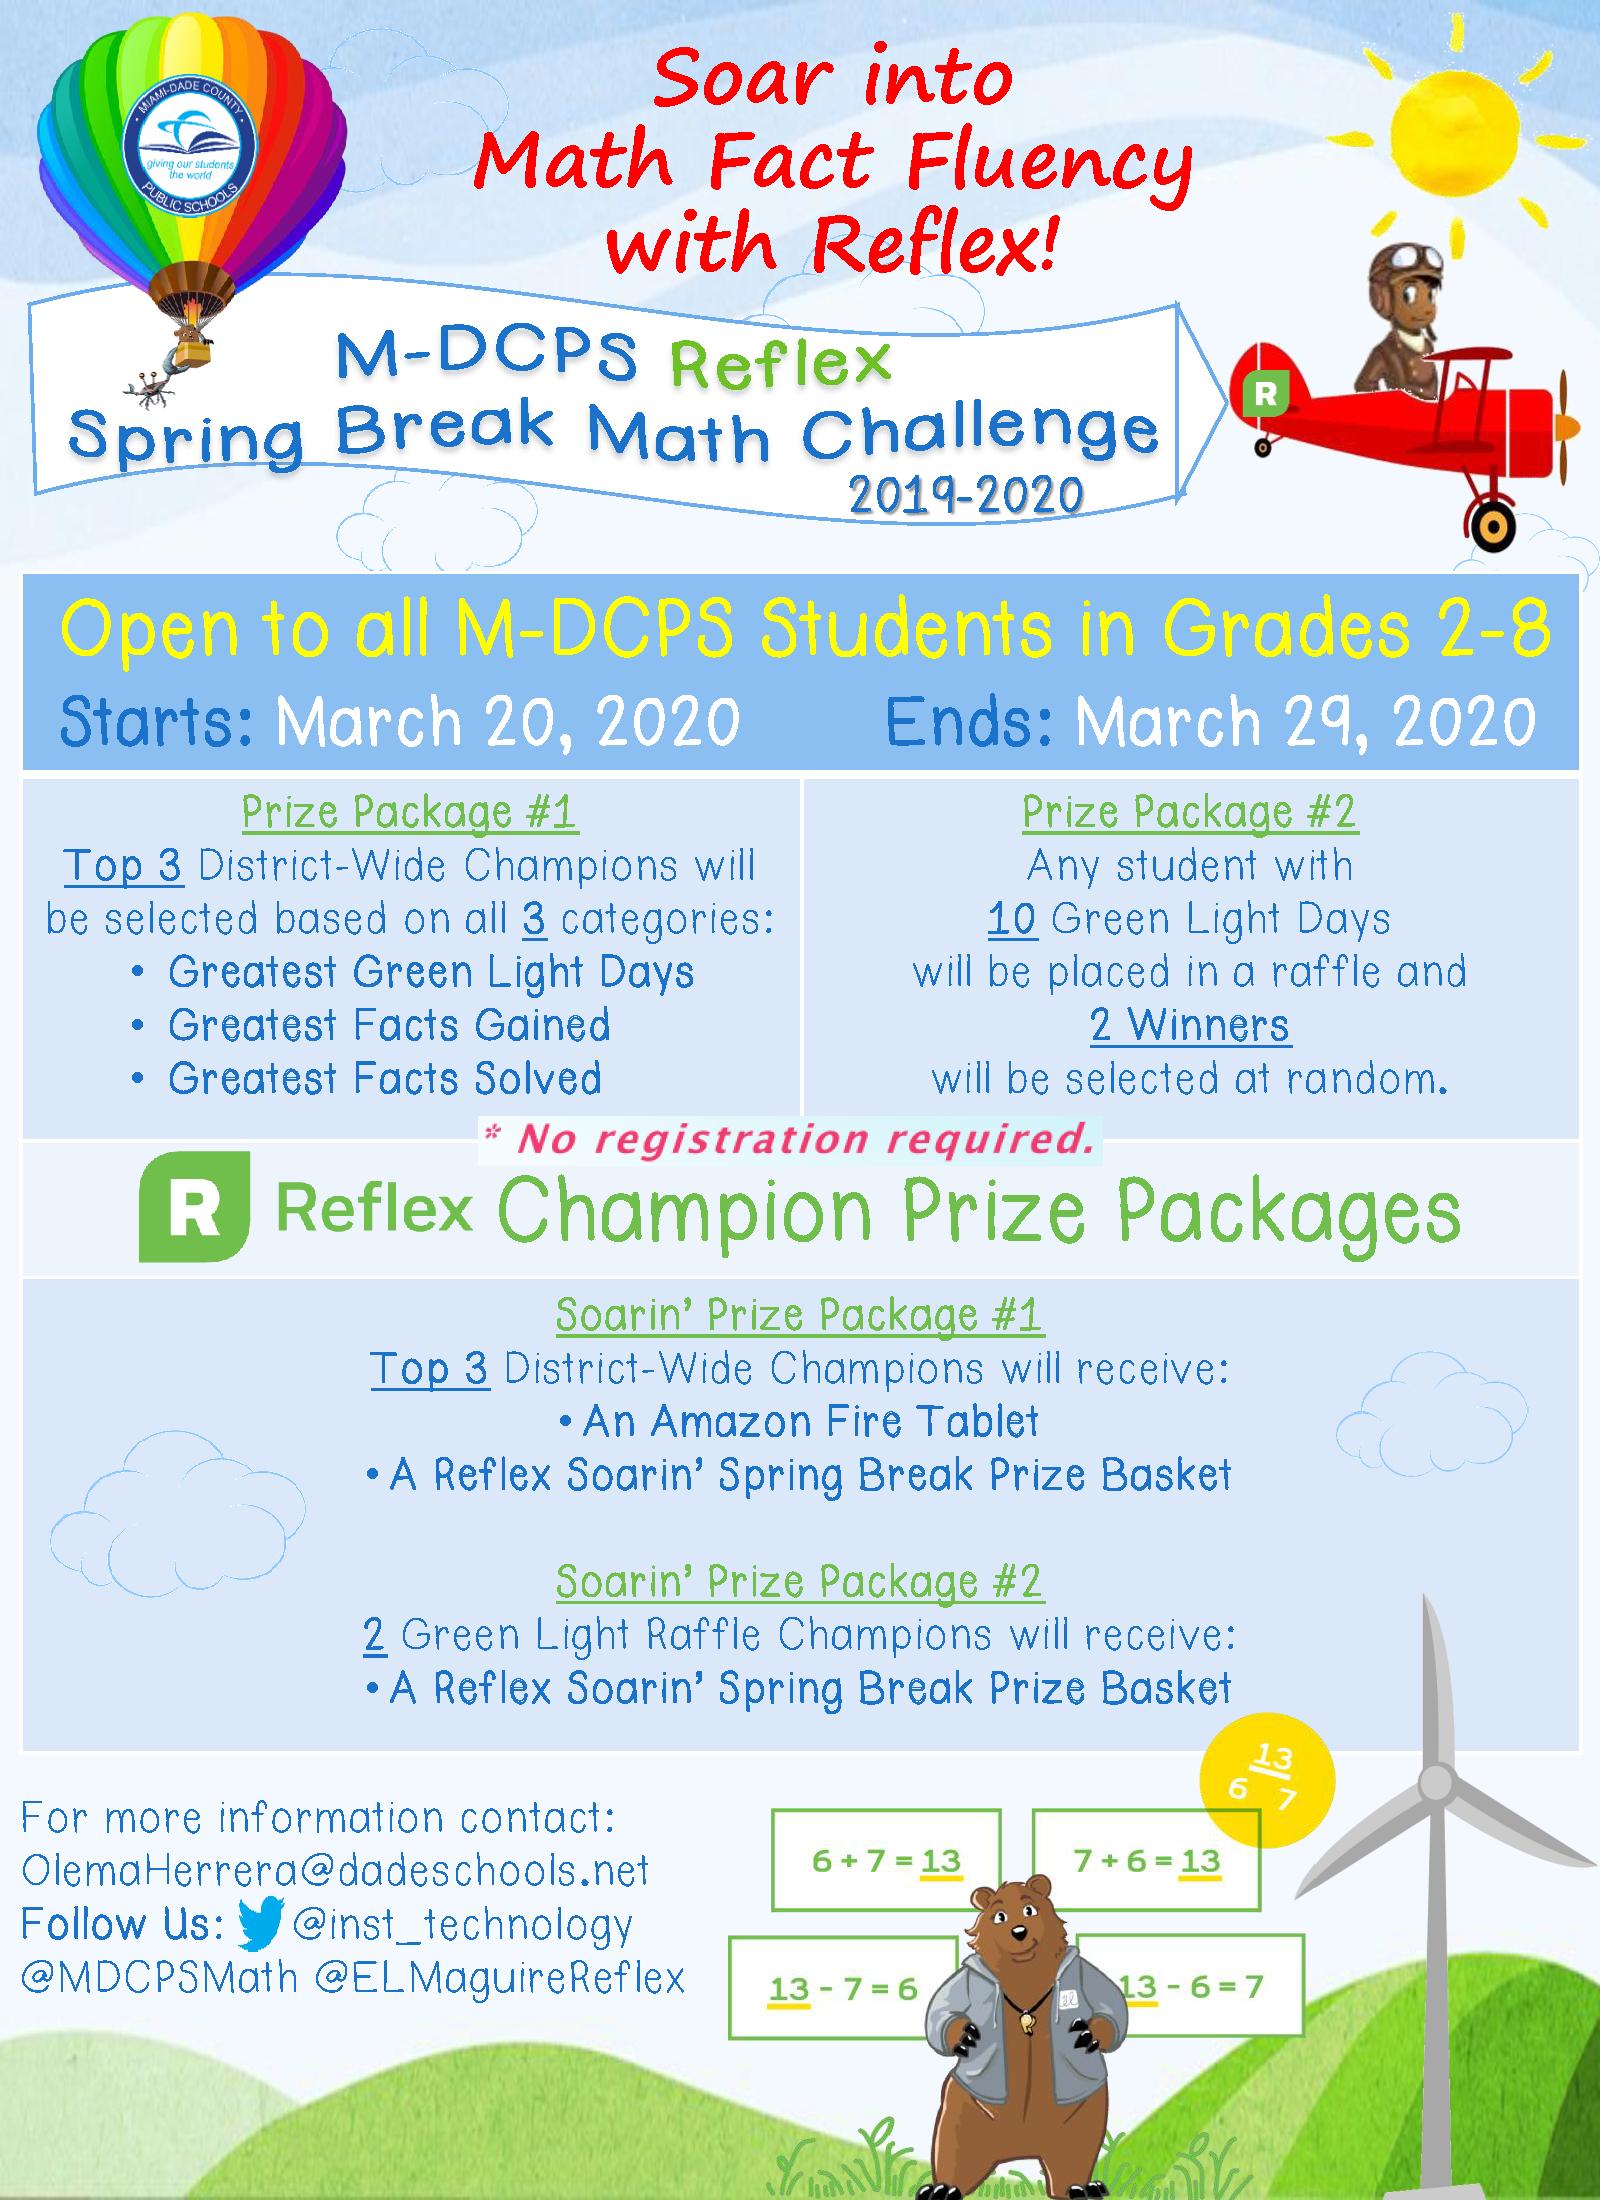 Relex Spring Break Math Challenge Flyer